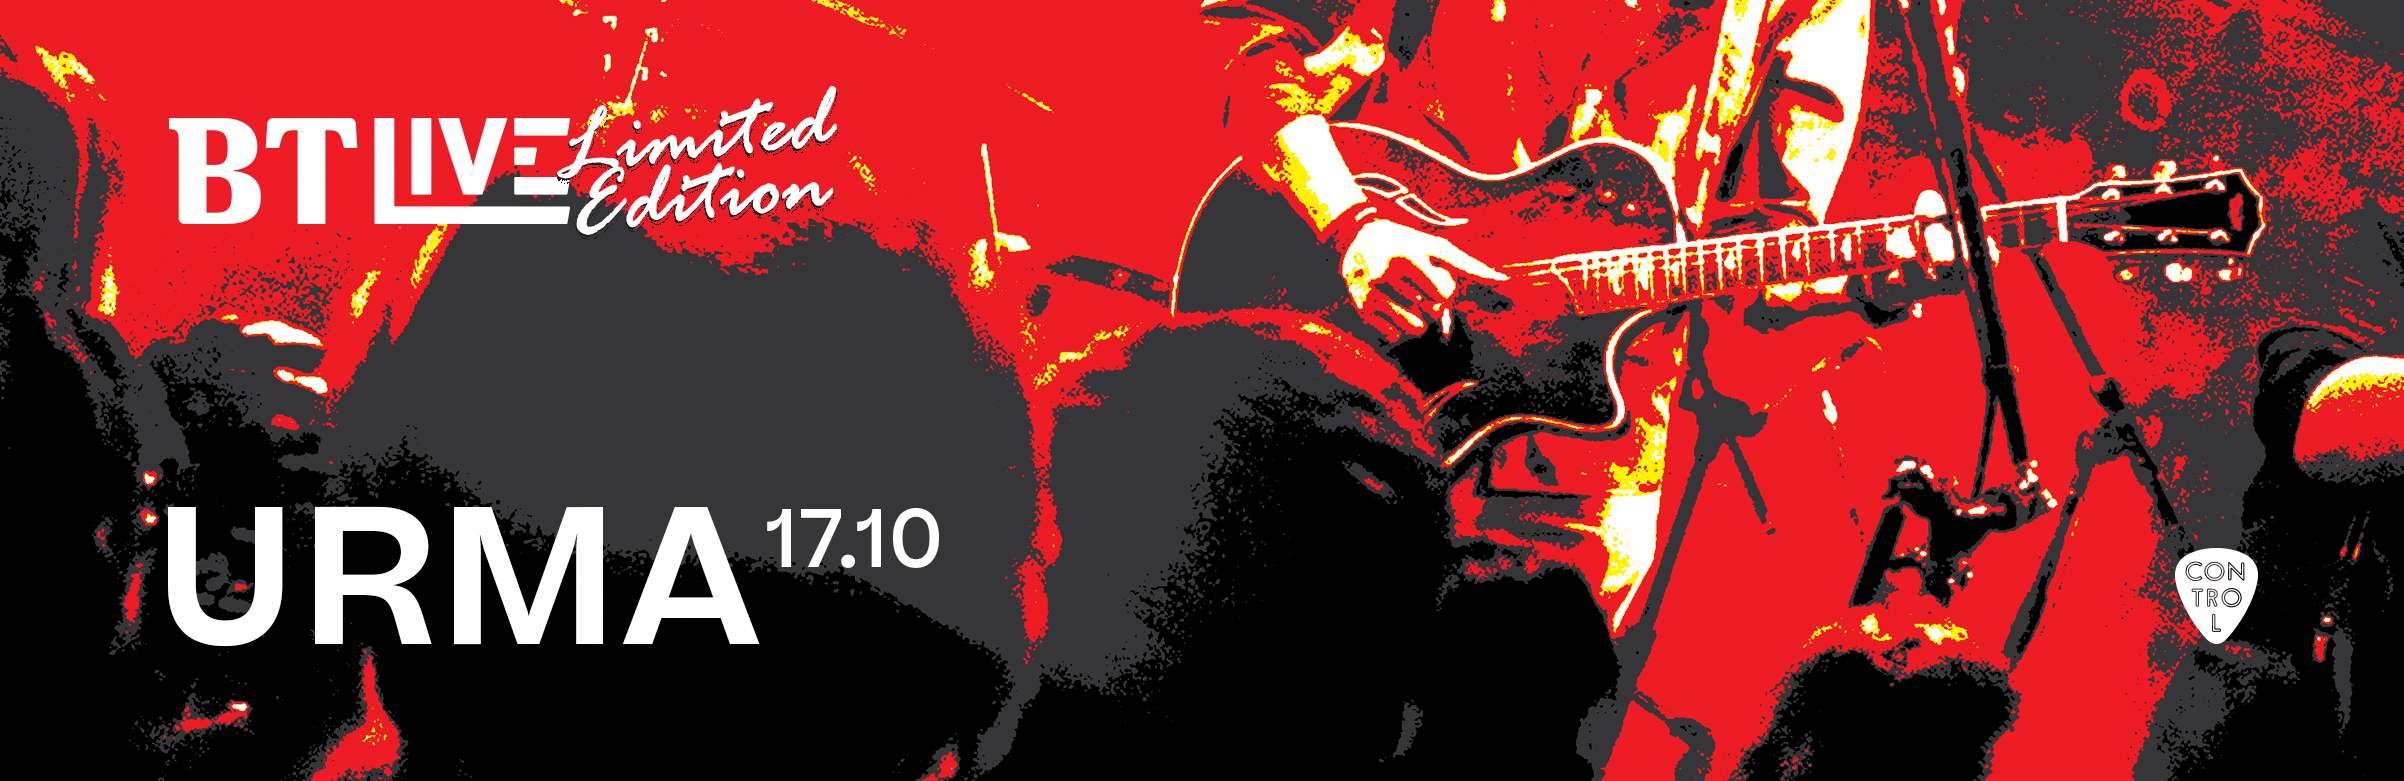 BT Live - URMA